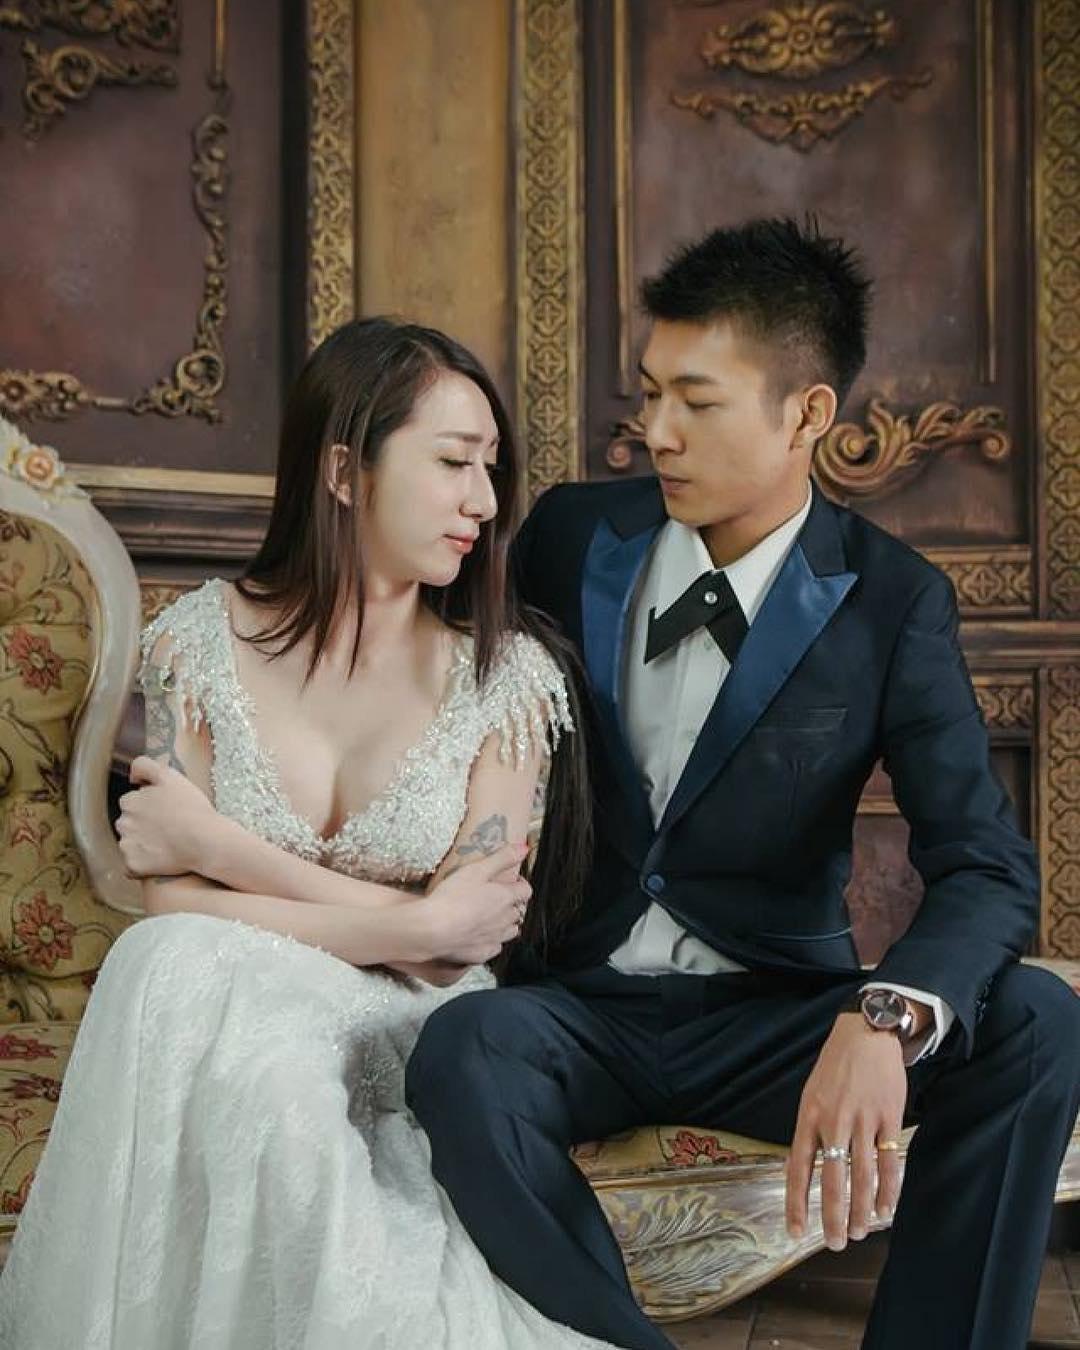 二人結婚照。罔腰fb